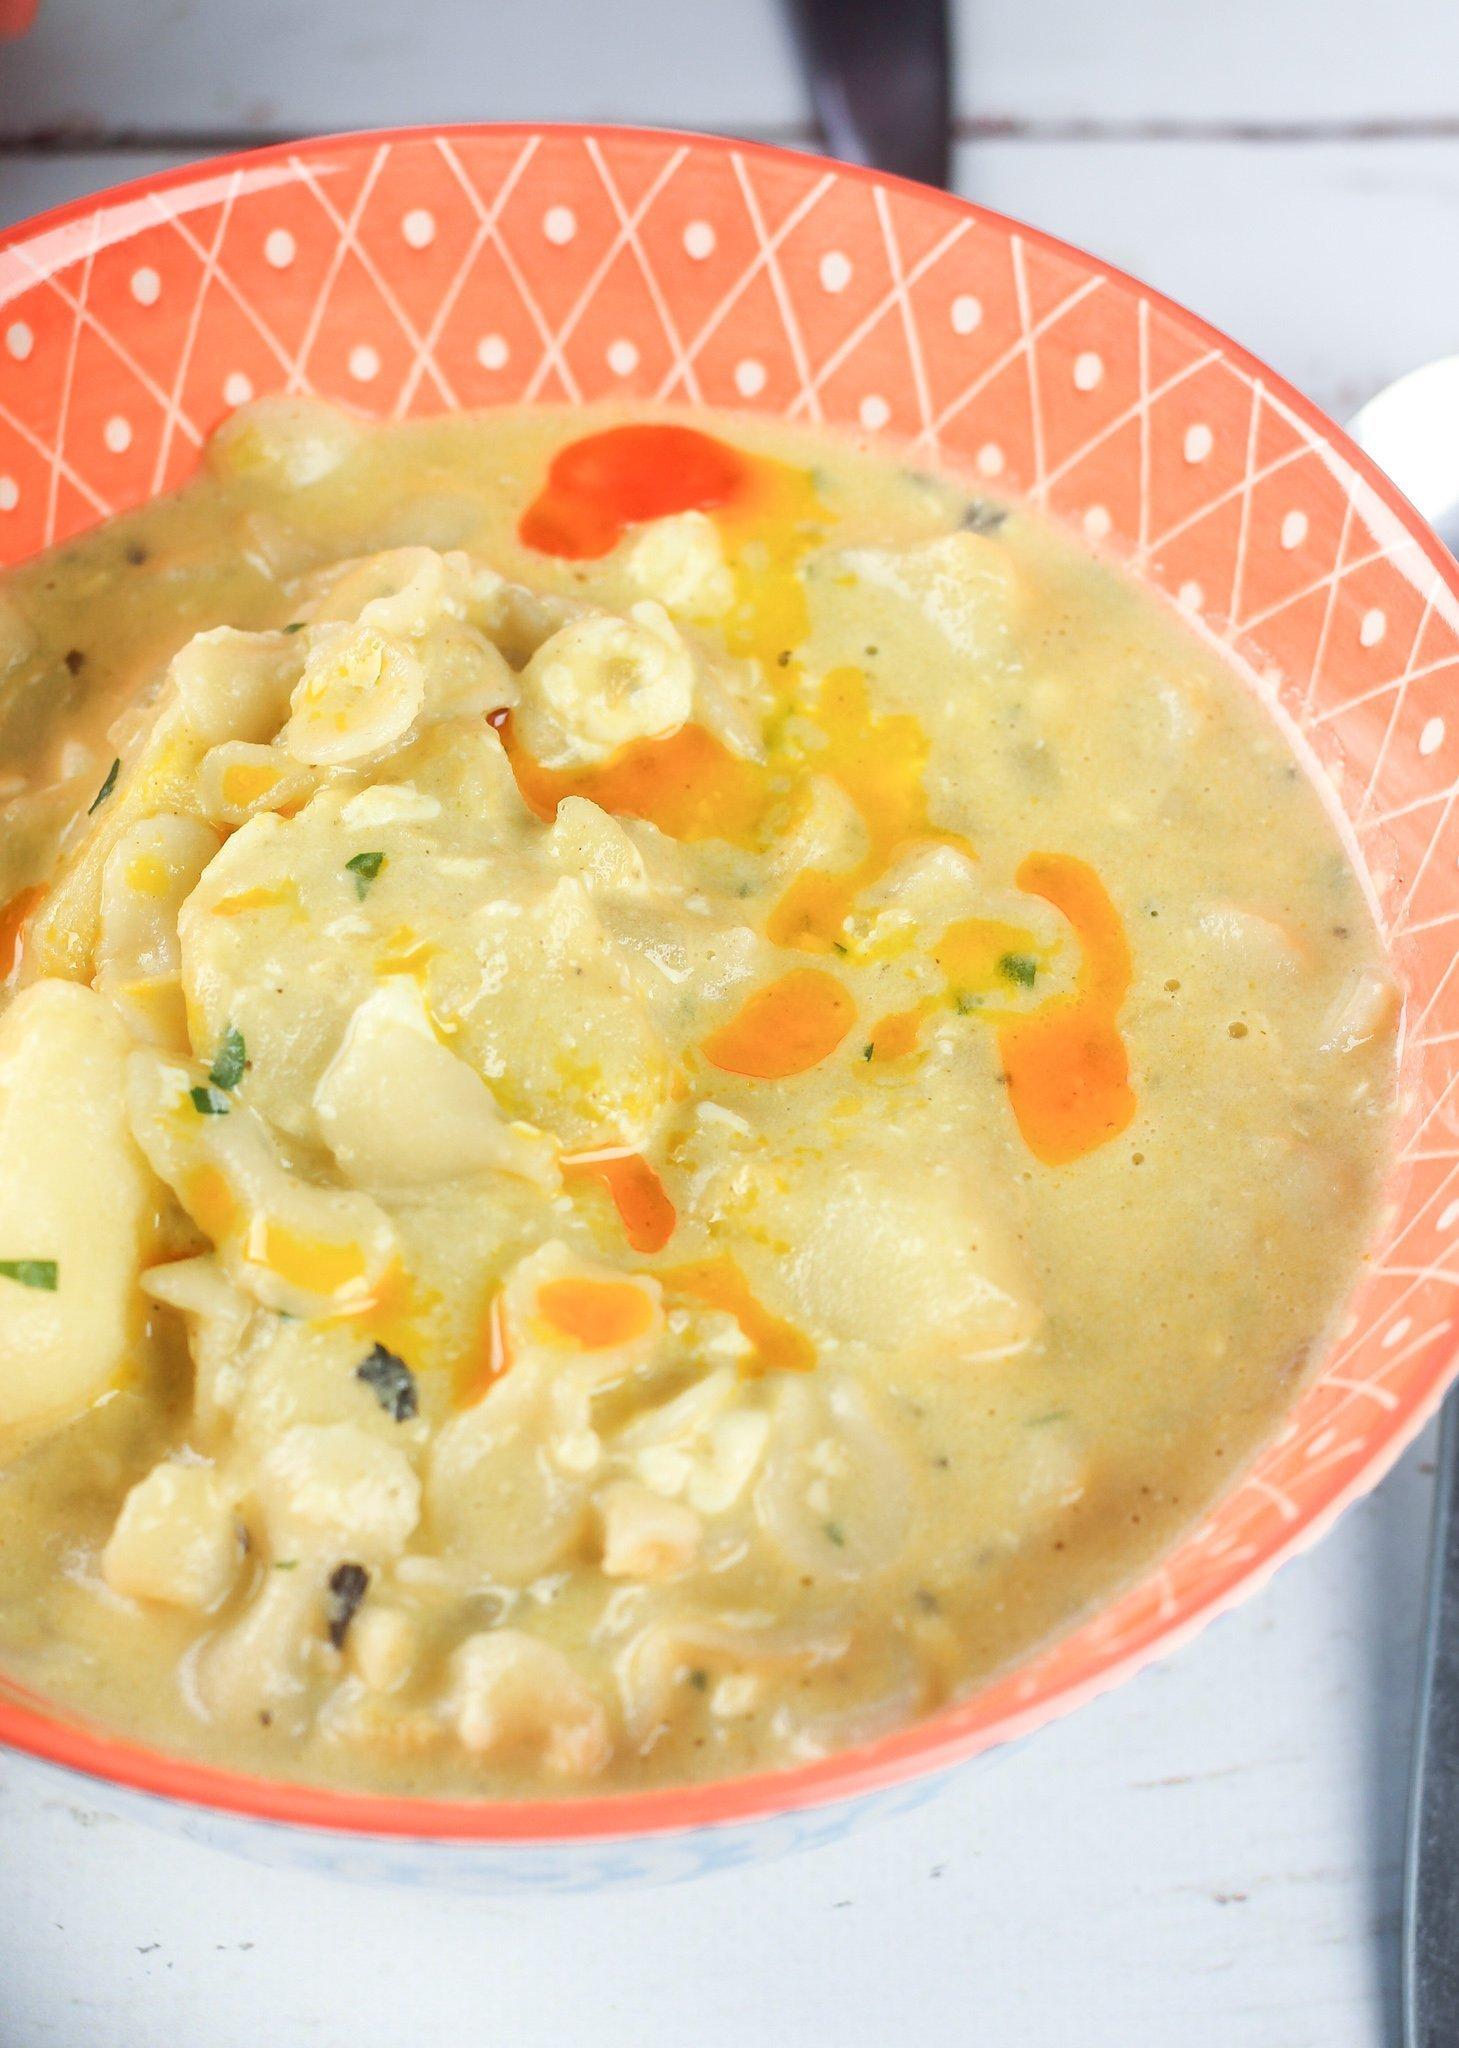 Ecuadorian Pasta Cheese Soup with Potatoes